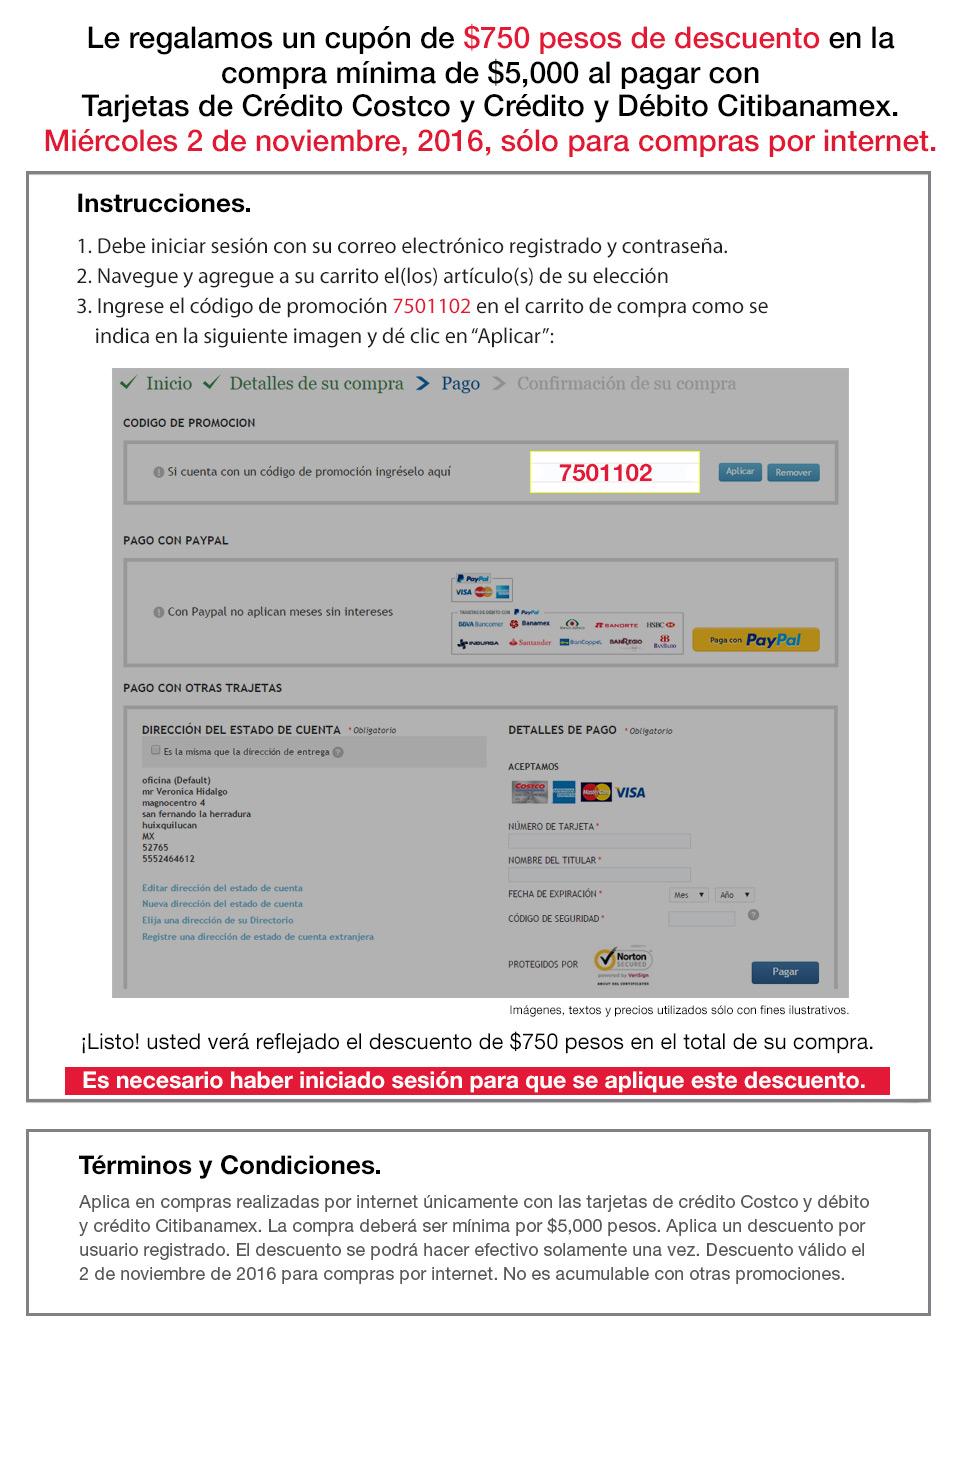 Costco en línea: Cupon de $750 de descuento en compras mayores a $5,000 con tarjetas Costco y Citybanamex